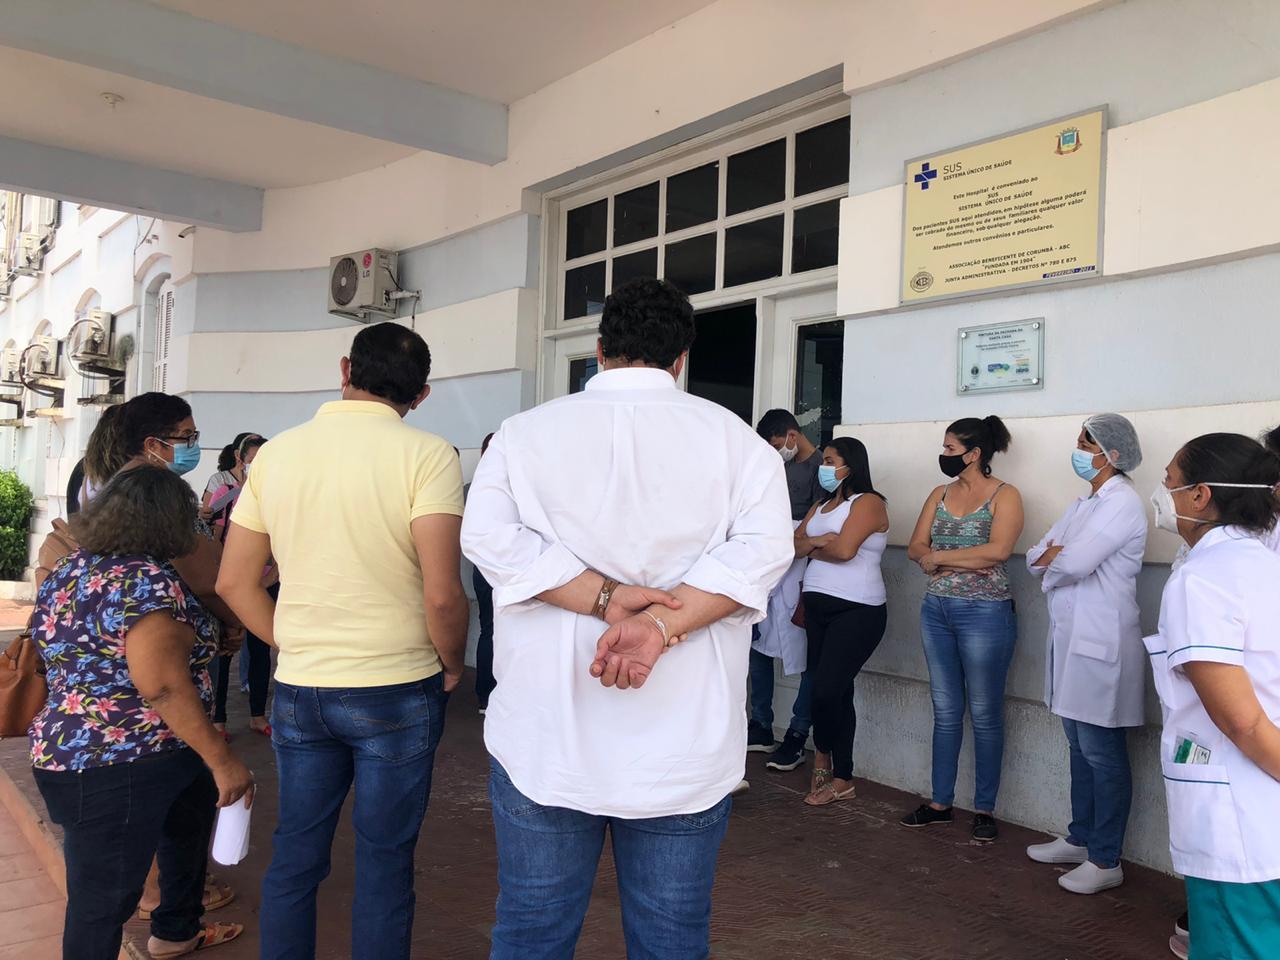 Sindicato dos Enfermeiros de MS esteve no município para fiscalização e encontraram a discrepância